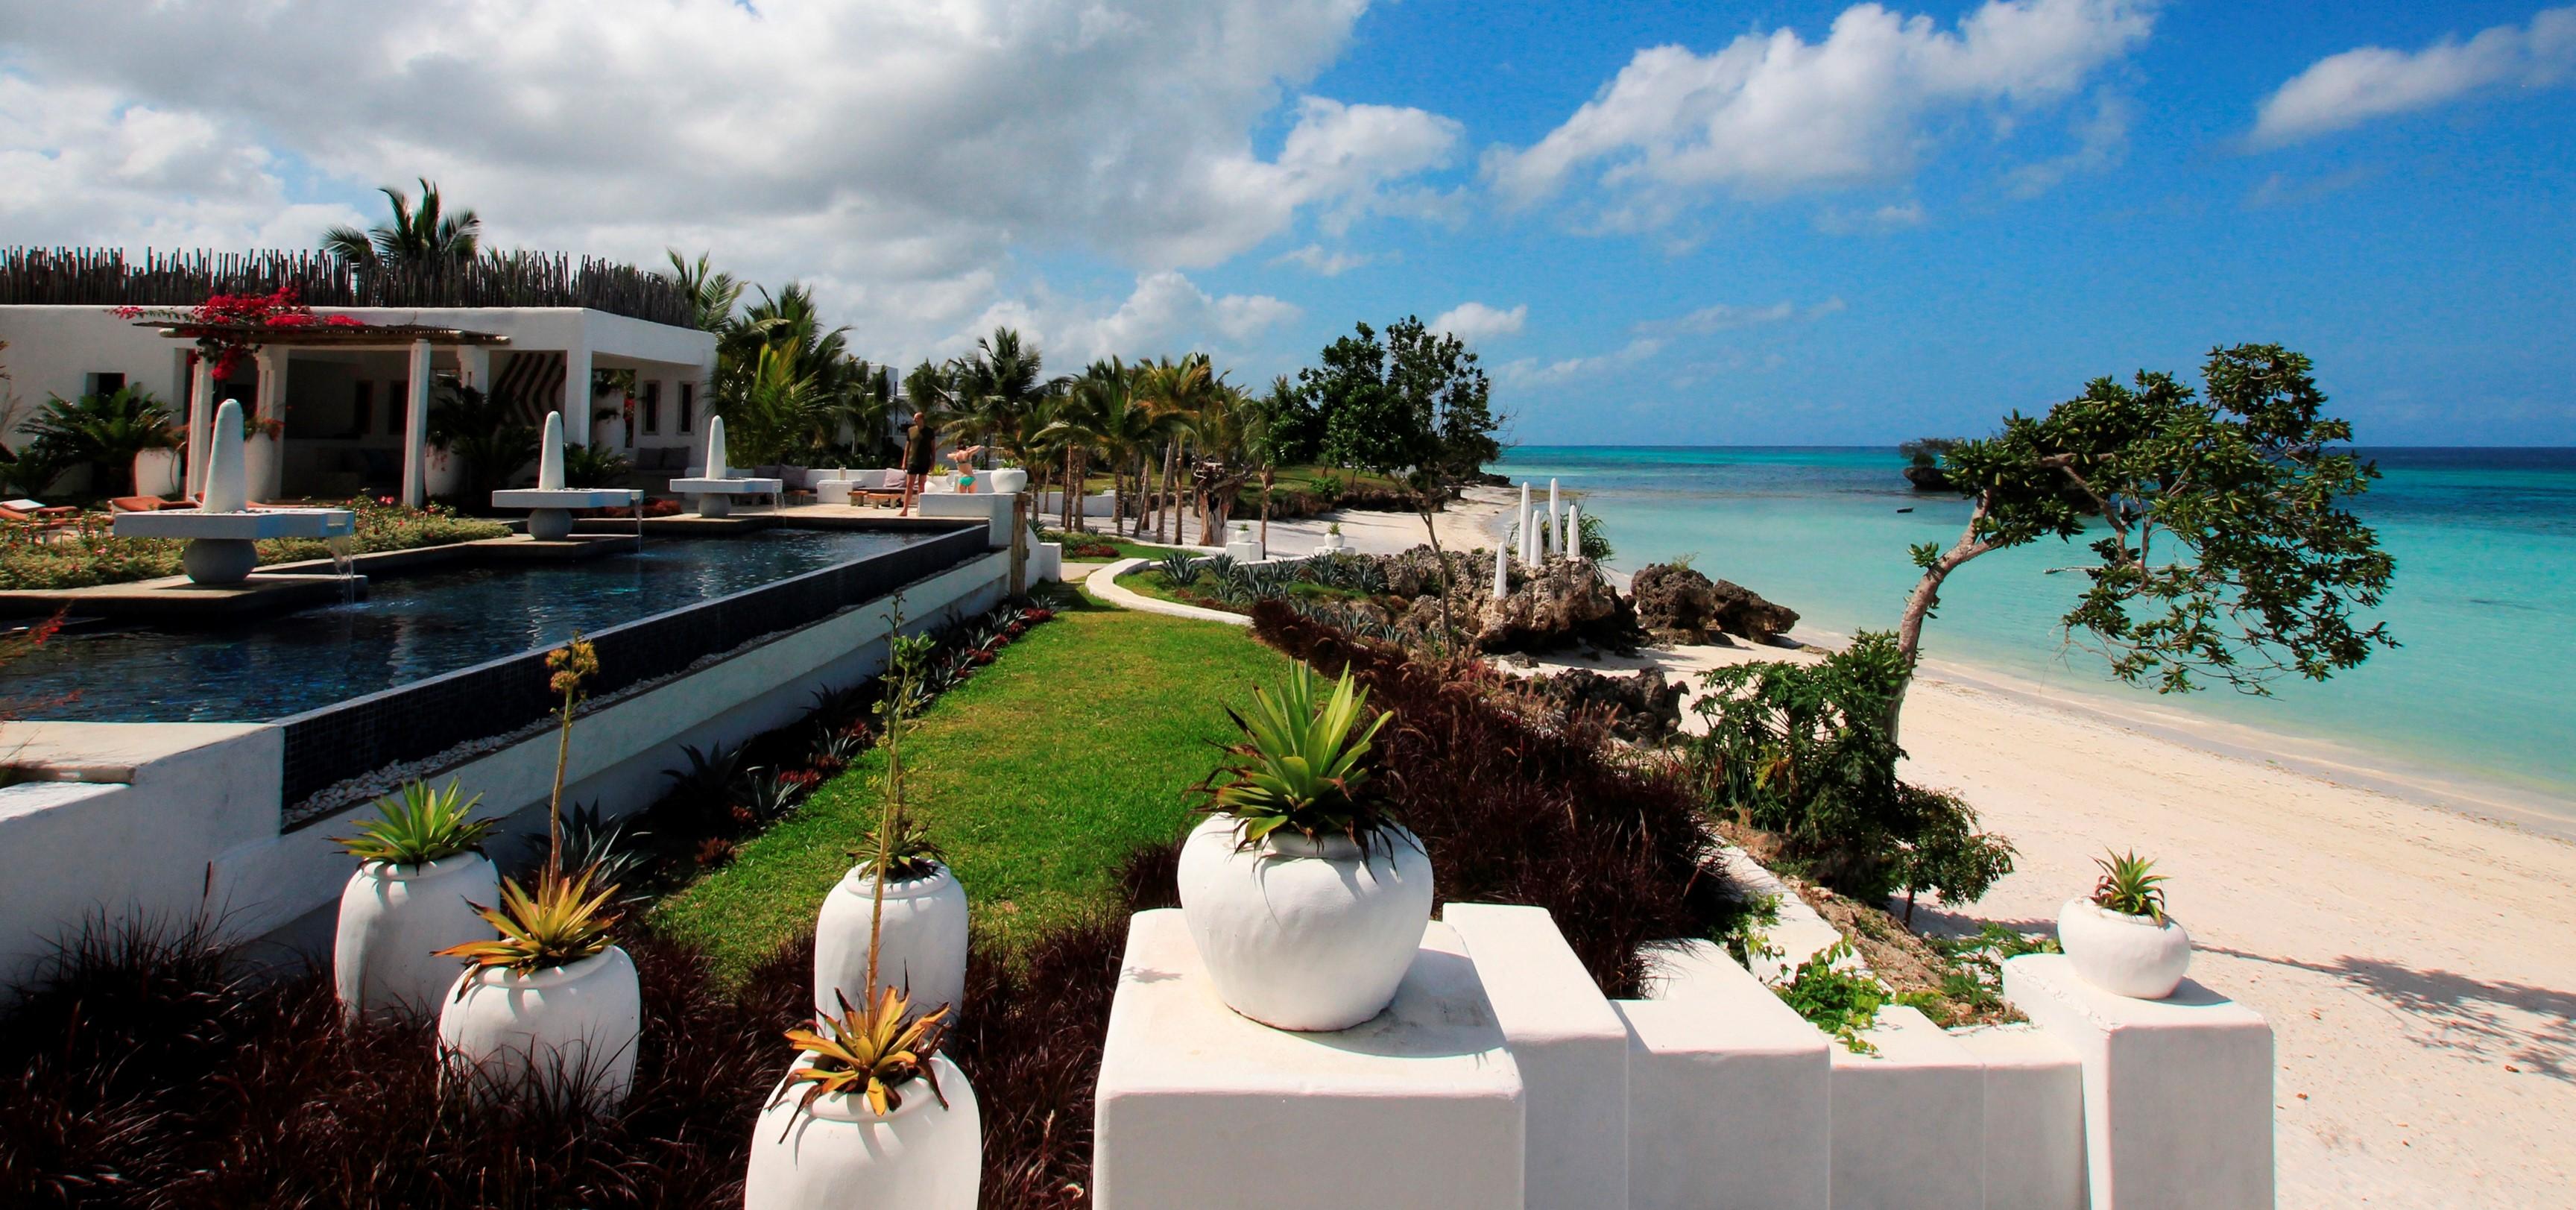 Constance-Aiyana-all-villa-hotel